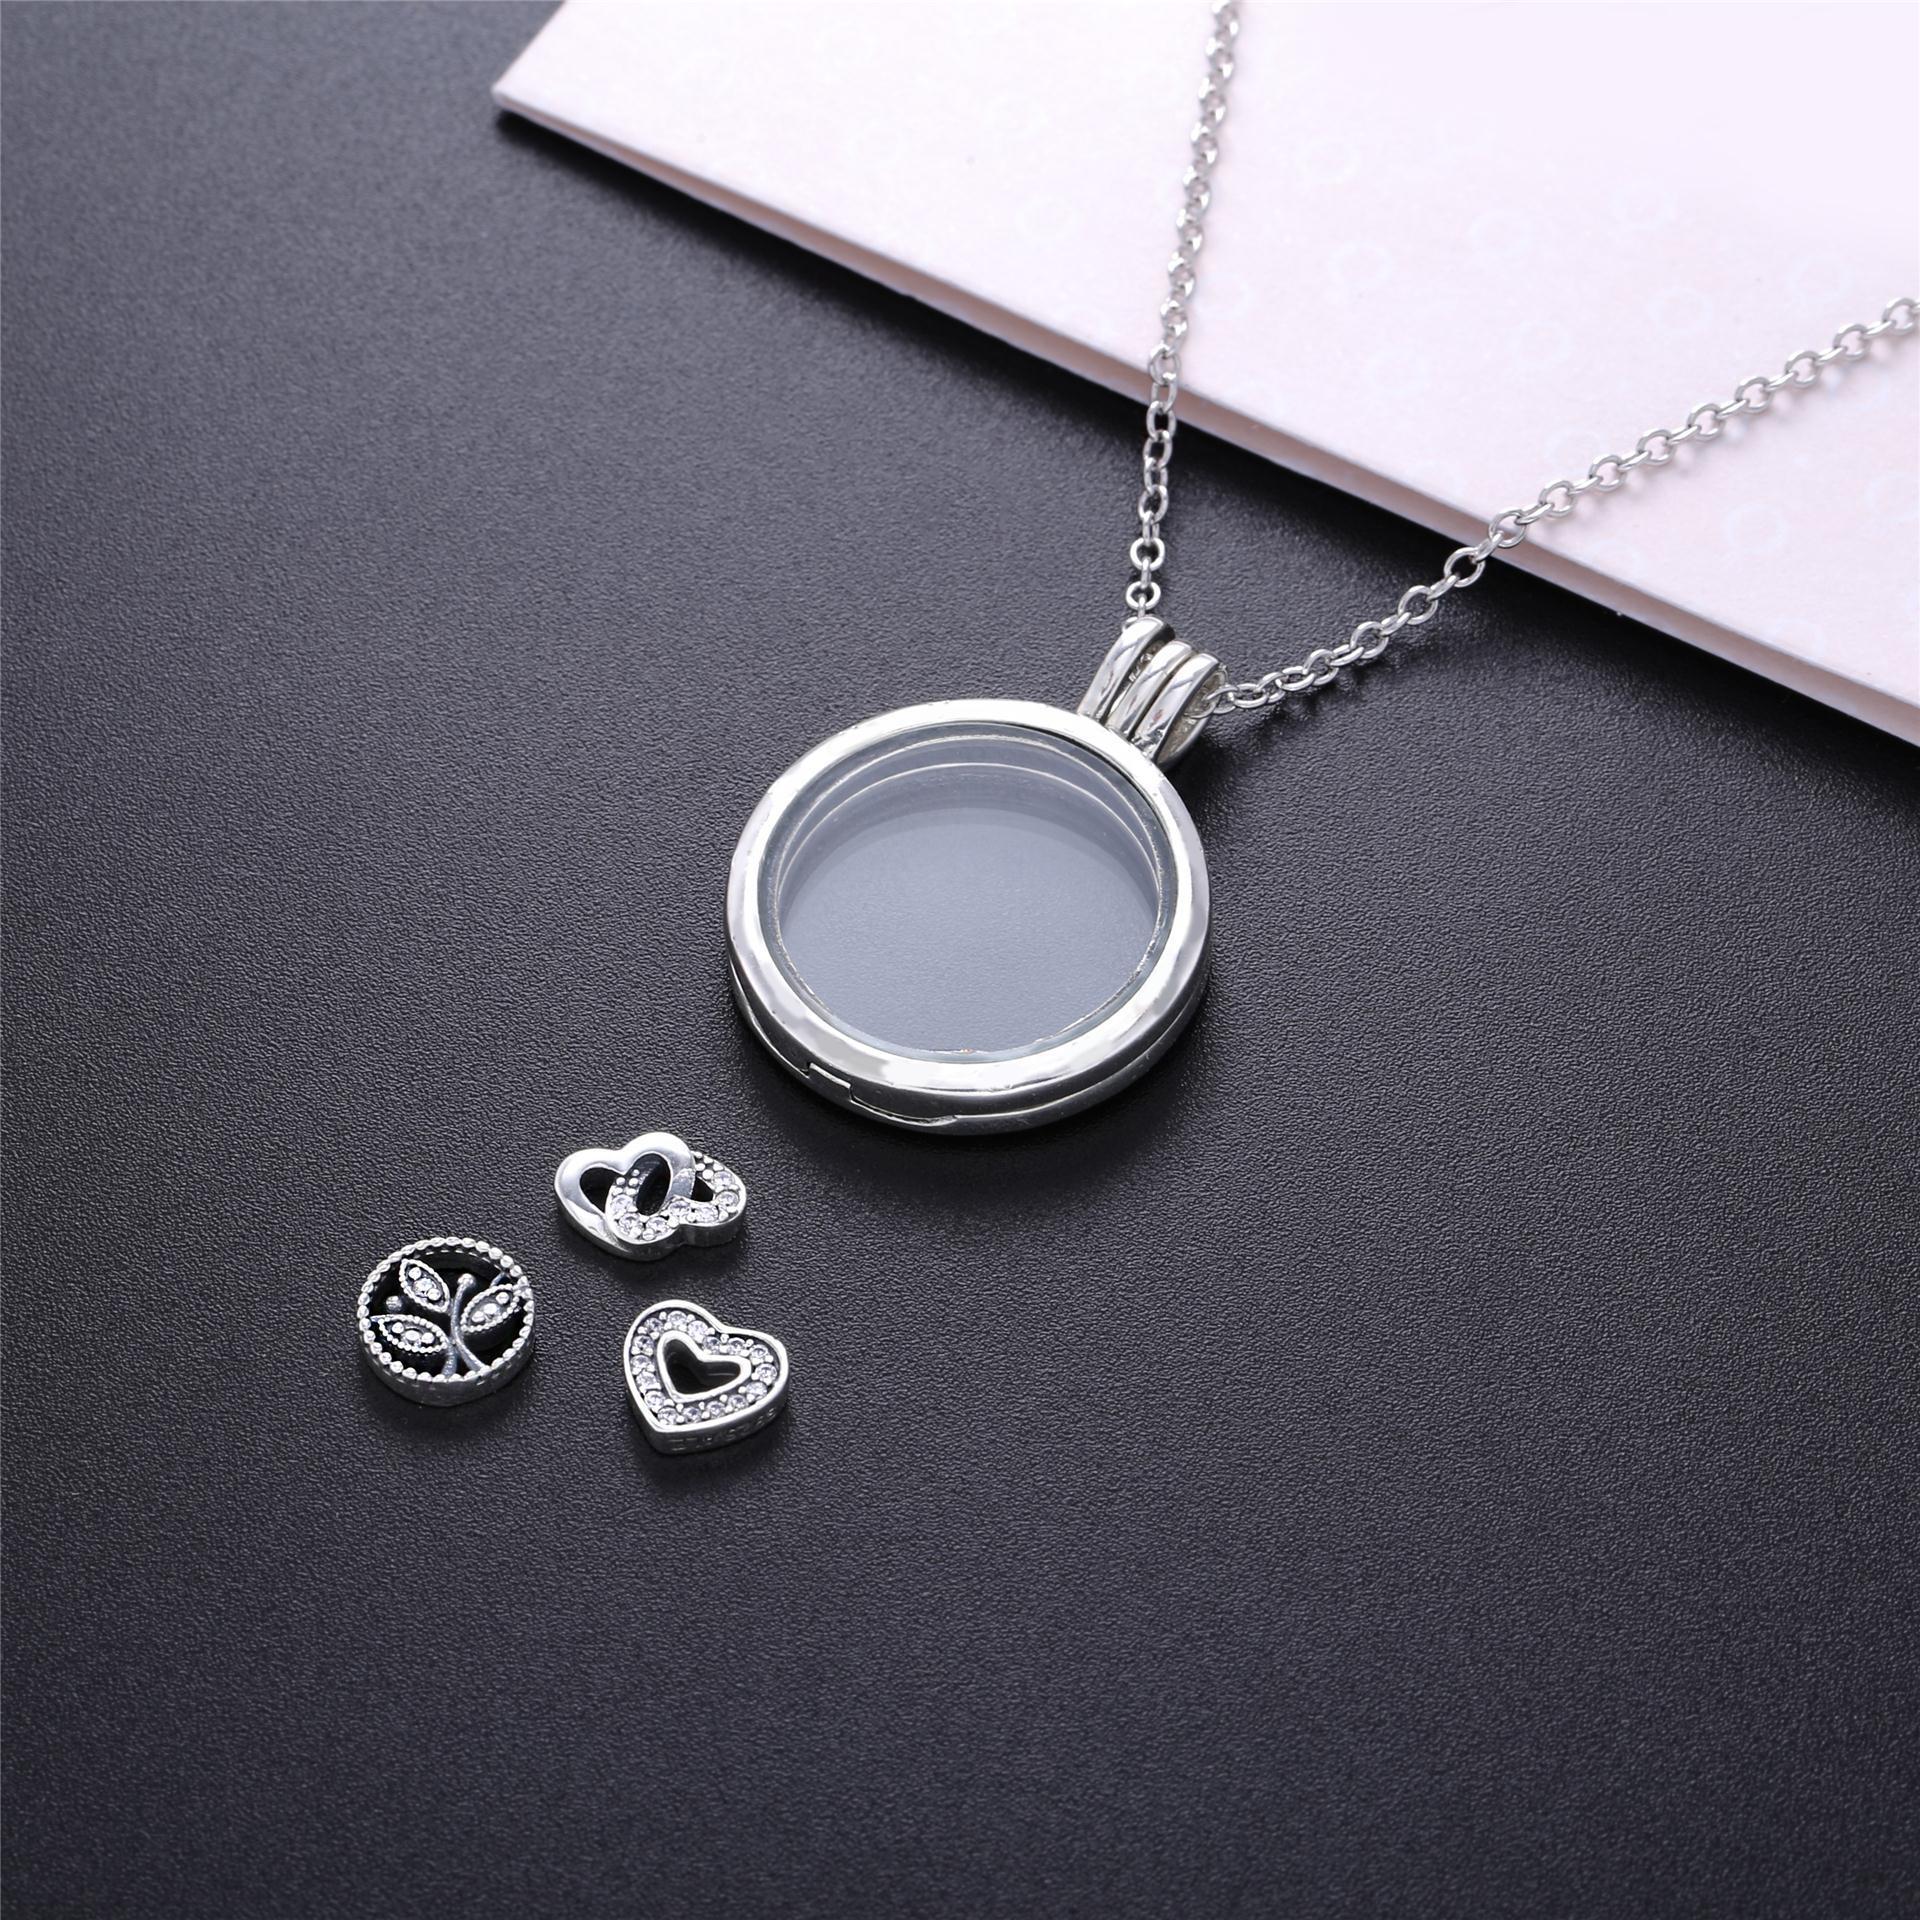 Original 925 Sterling Silber Schwimm Medaillon Pan Halskette Mit Klaren Zirkonia Glas Für Frauen Geschenk DIY Schmuck